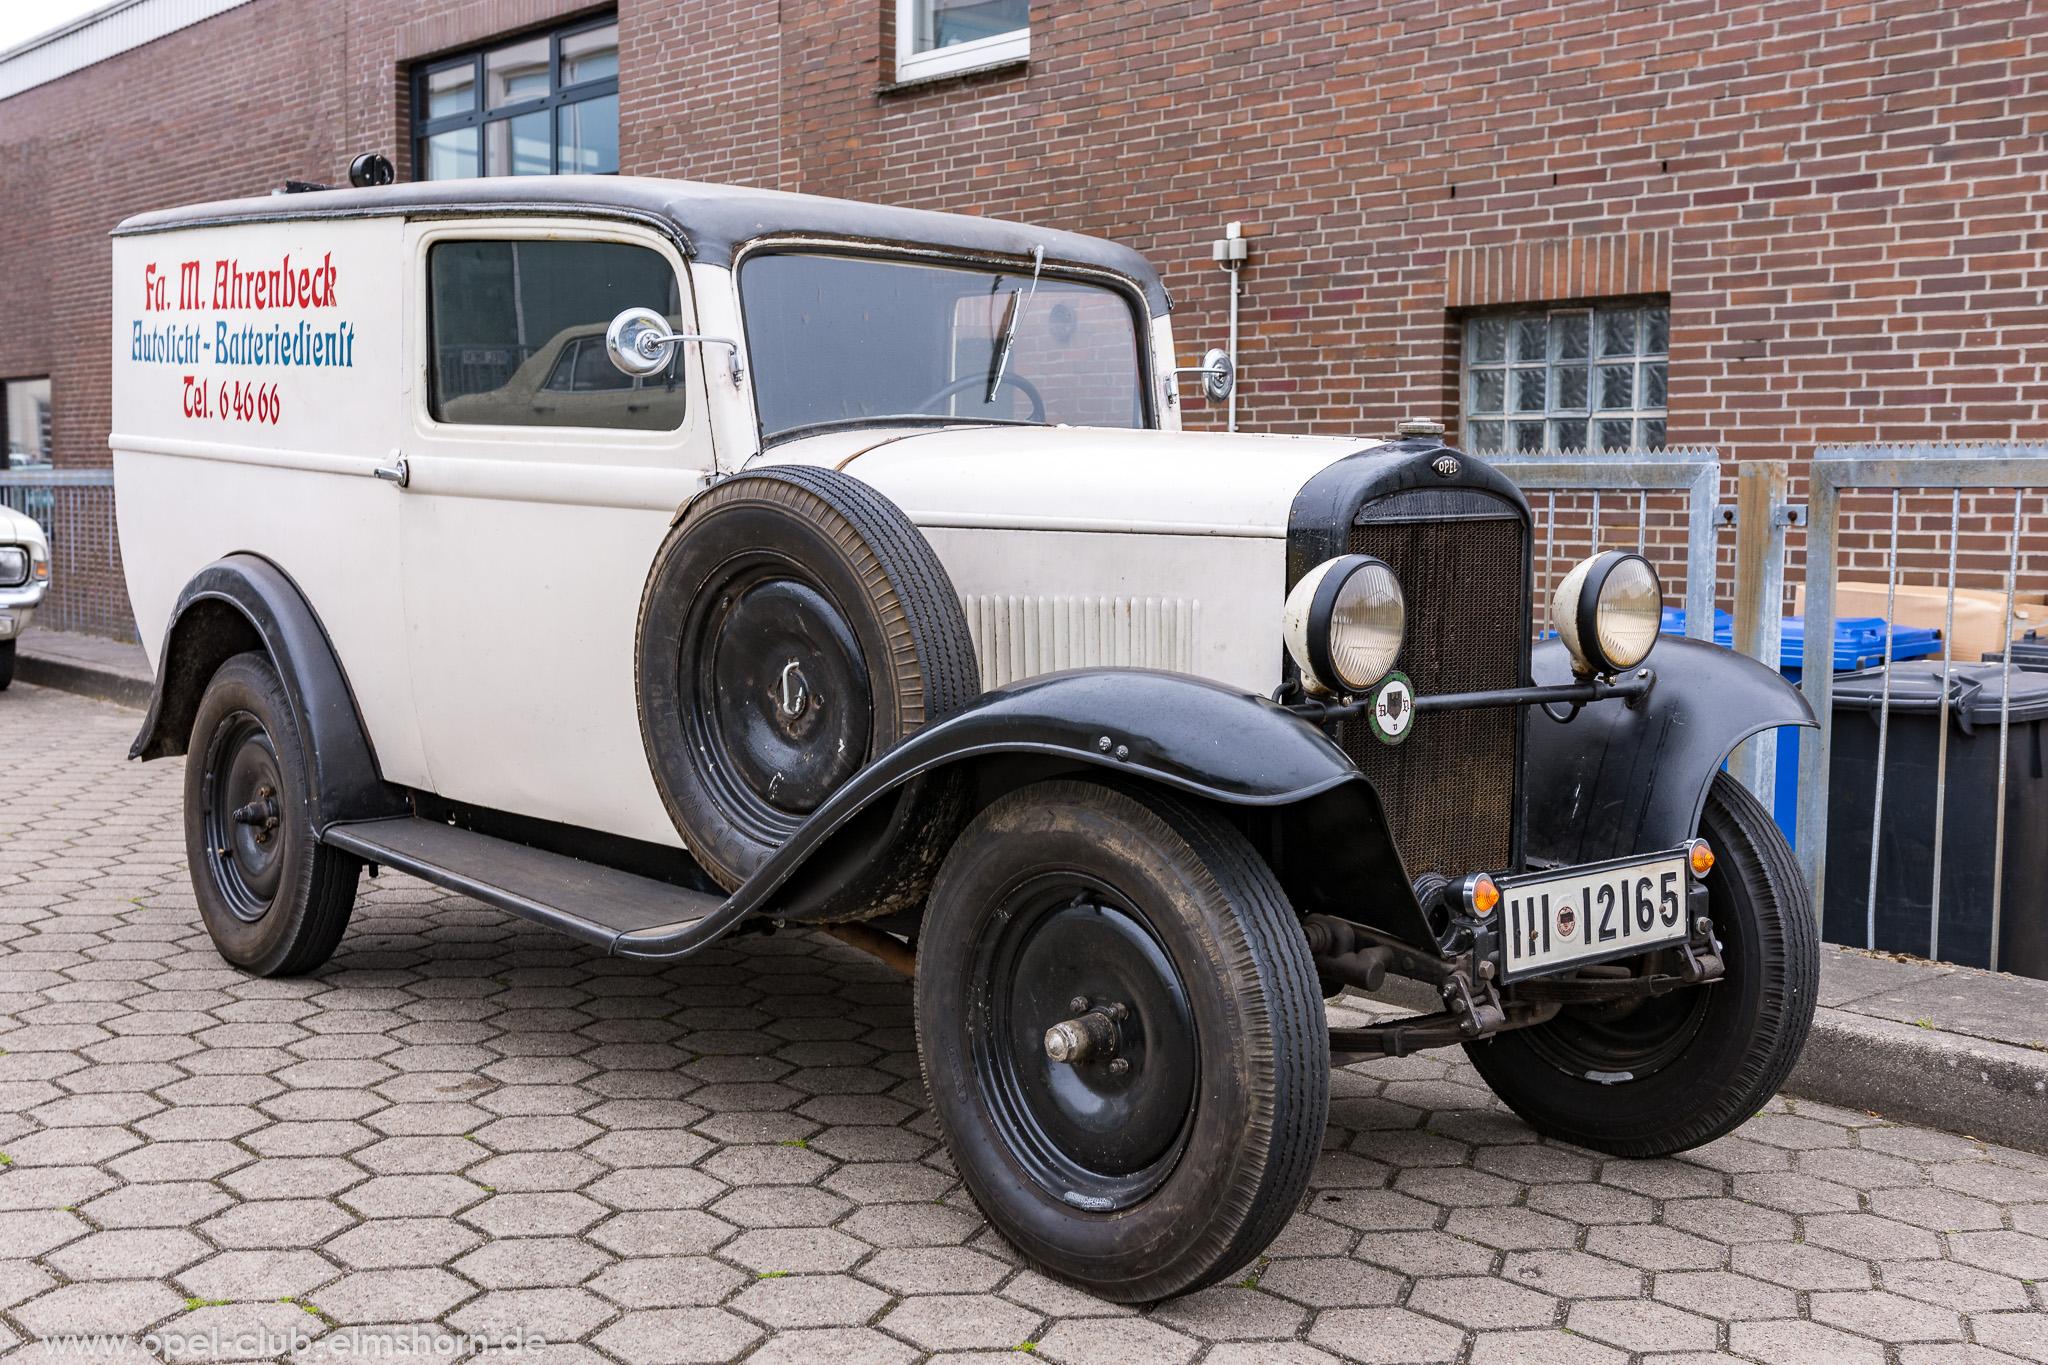 Altopeltreffen Wedel 2019 - 20190501_114004 - Opel 1.2 Liter